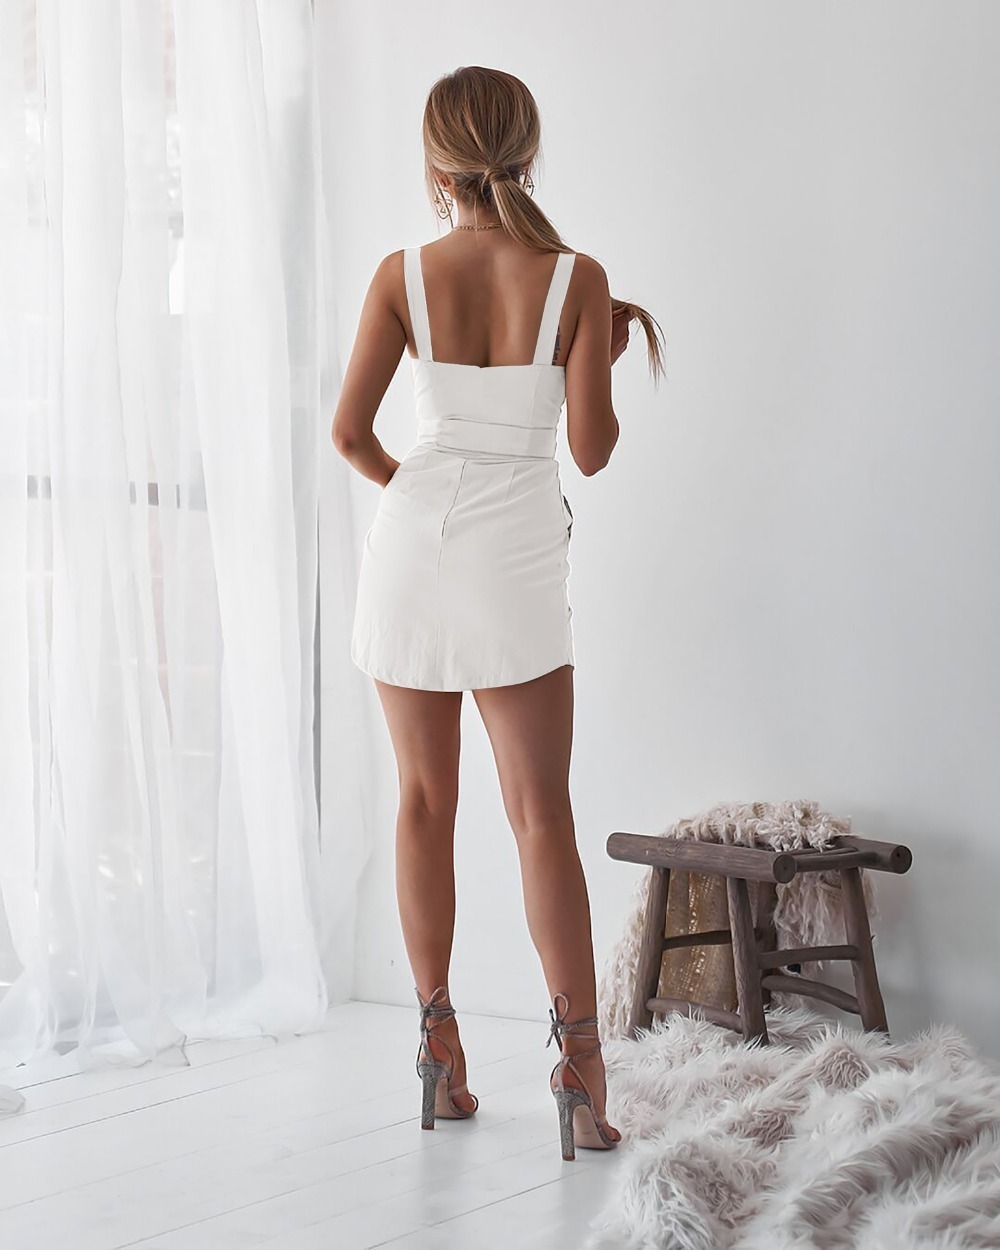 Женщины Глубокий V Платье Осень-Весна Подтяжка Сарафан Сарафан Bodycon Общее Платье Женский Натуральный Повседневный Платье